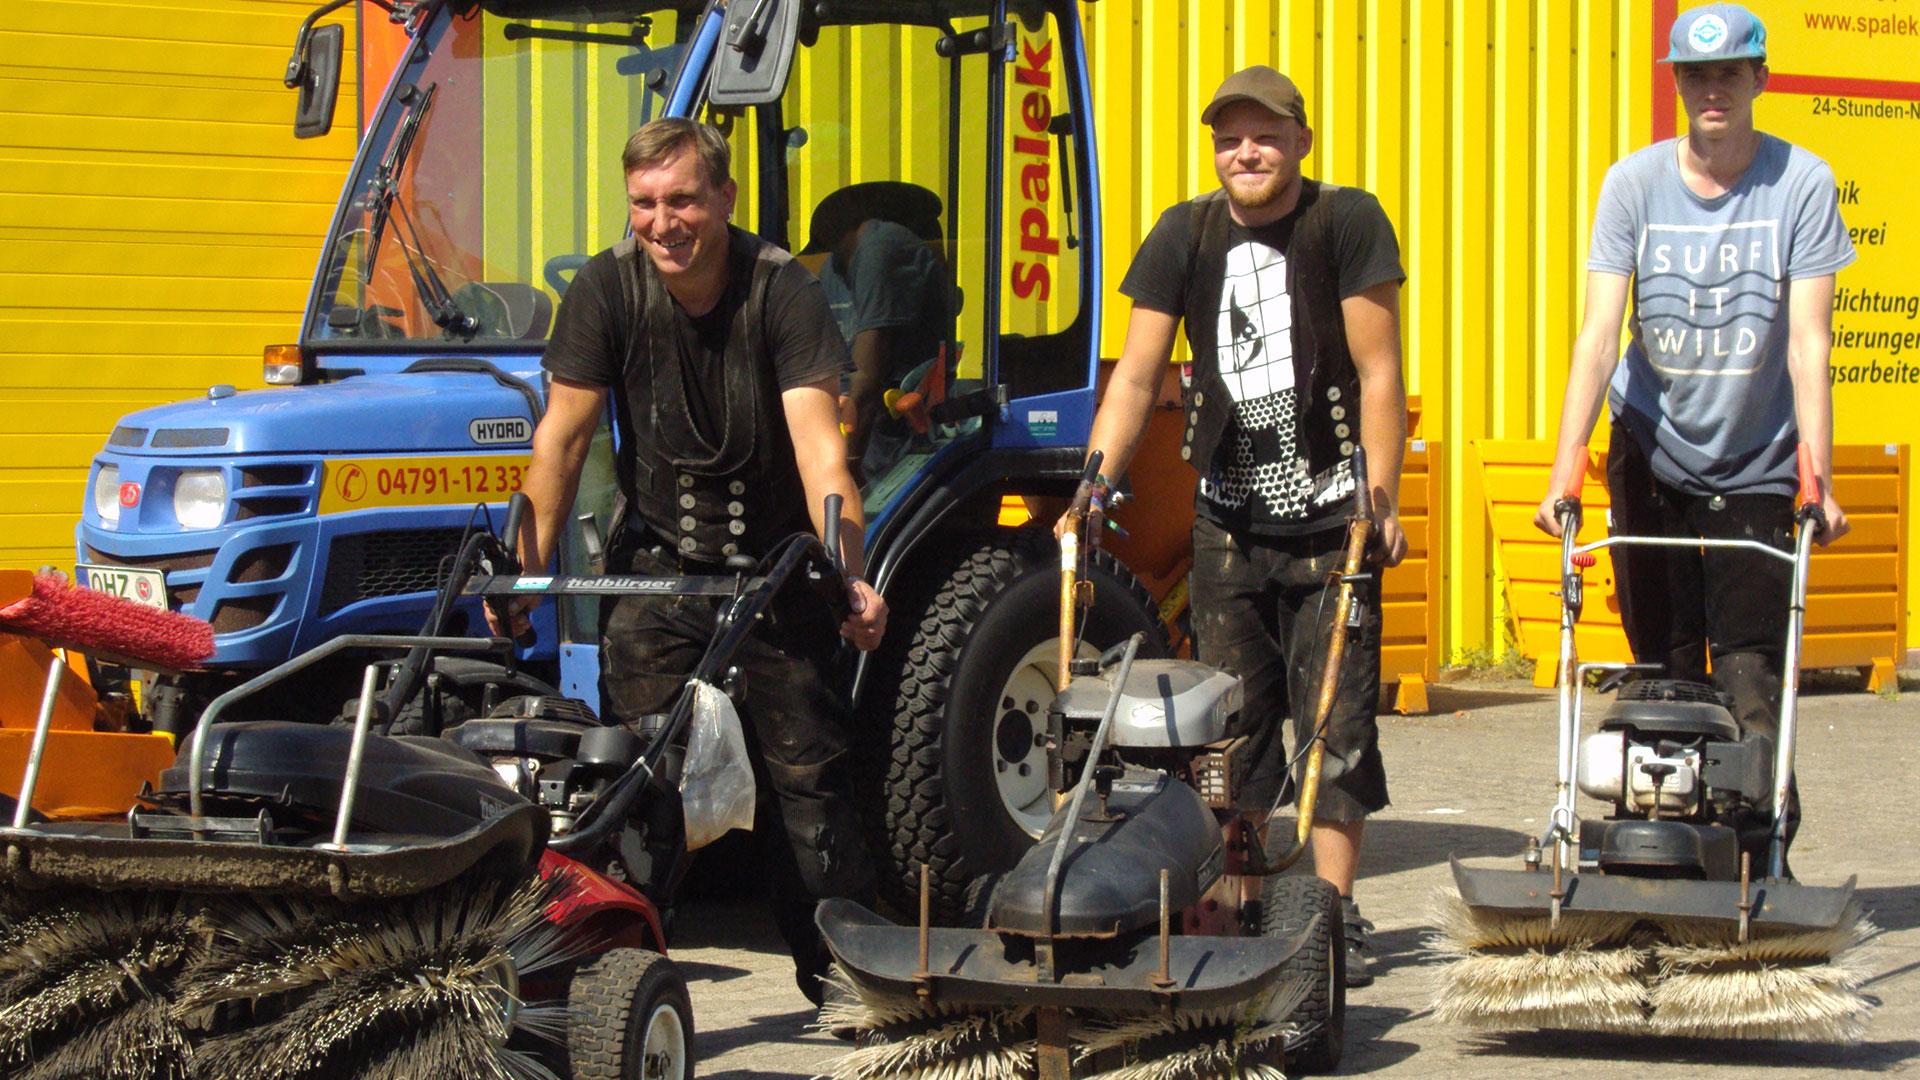 Winterdienst Mitarbeiter mit Schneeräumungsmaschinerie 1920x1080px | Dachdeckerei Spalek OHZ